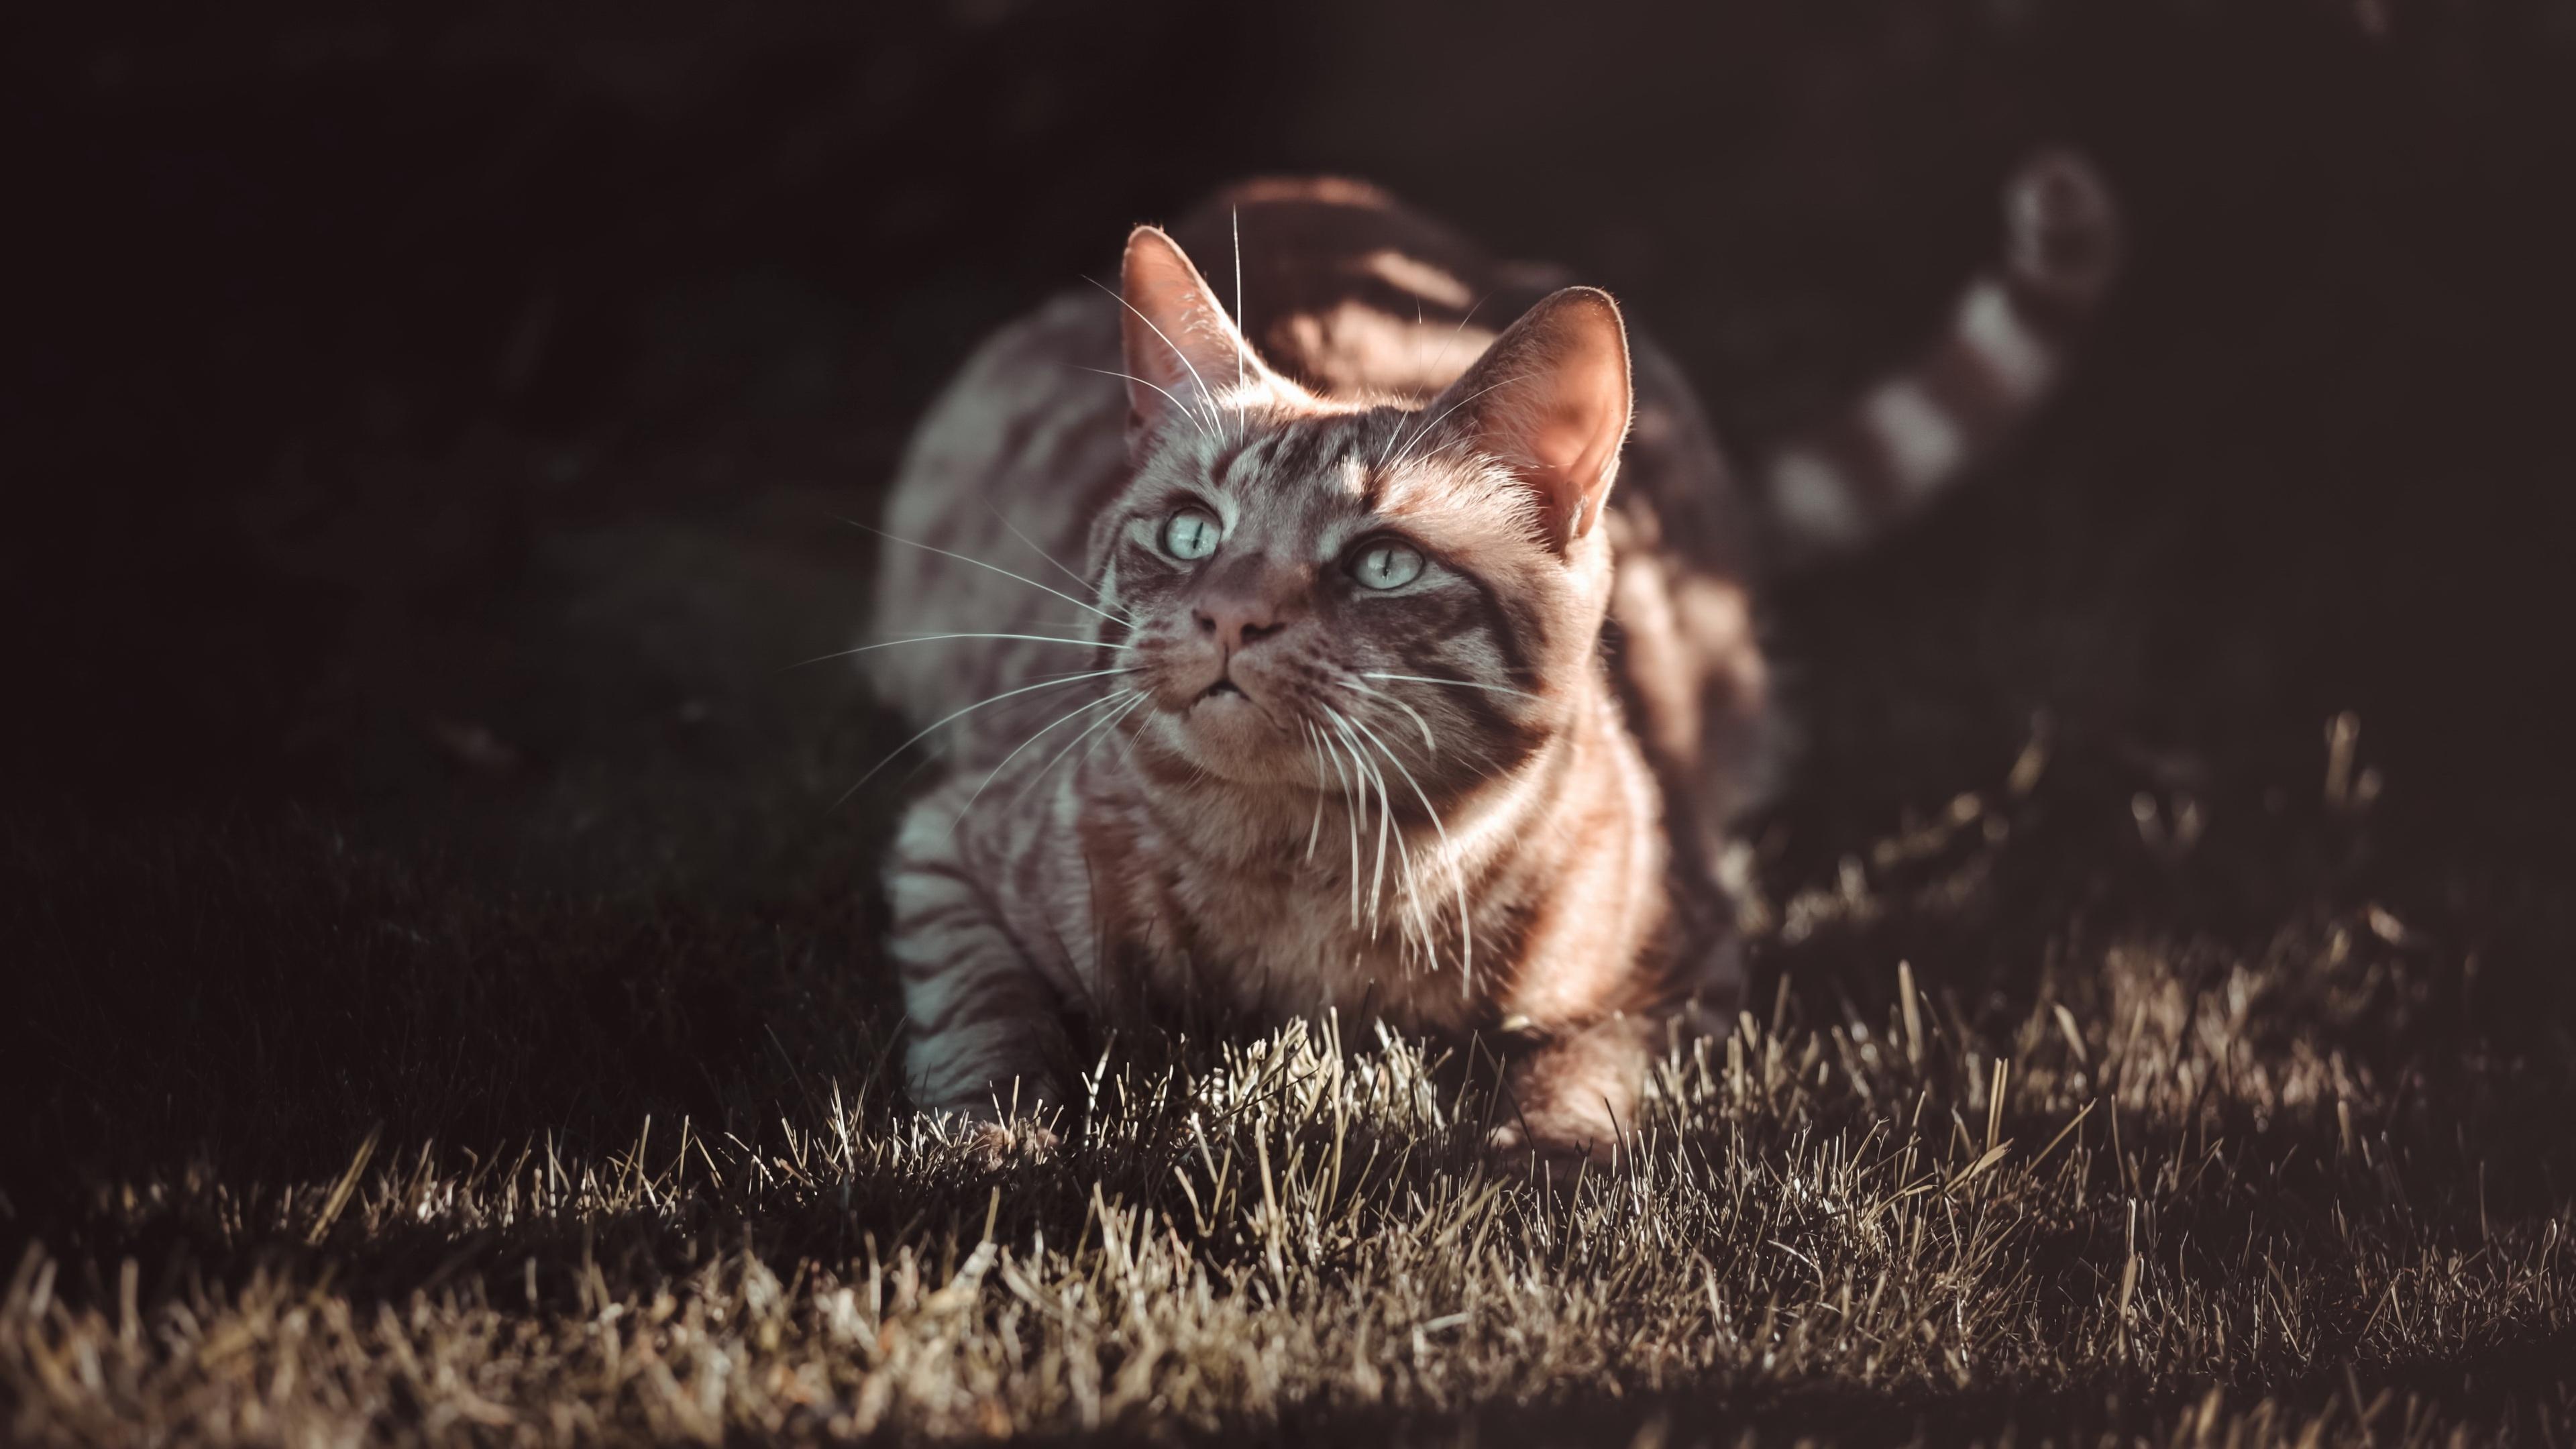 Картинка кот Трава Взгляд животное 3840x2160 коты Кошки кошка траве смотрит смотрят Животные